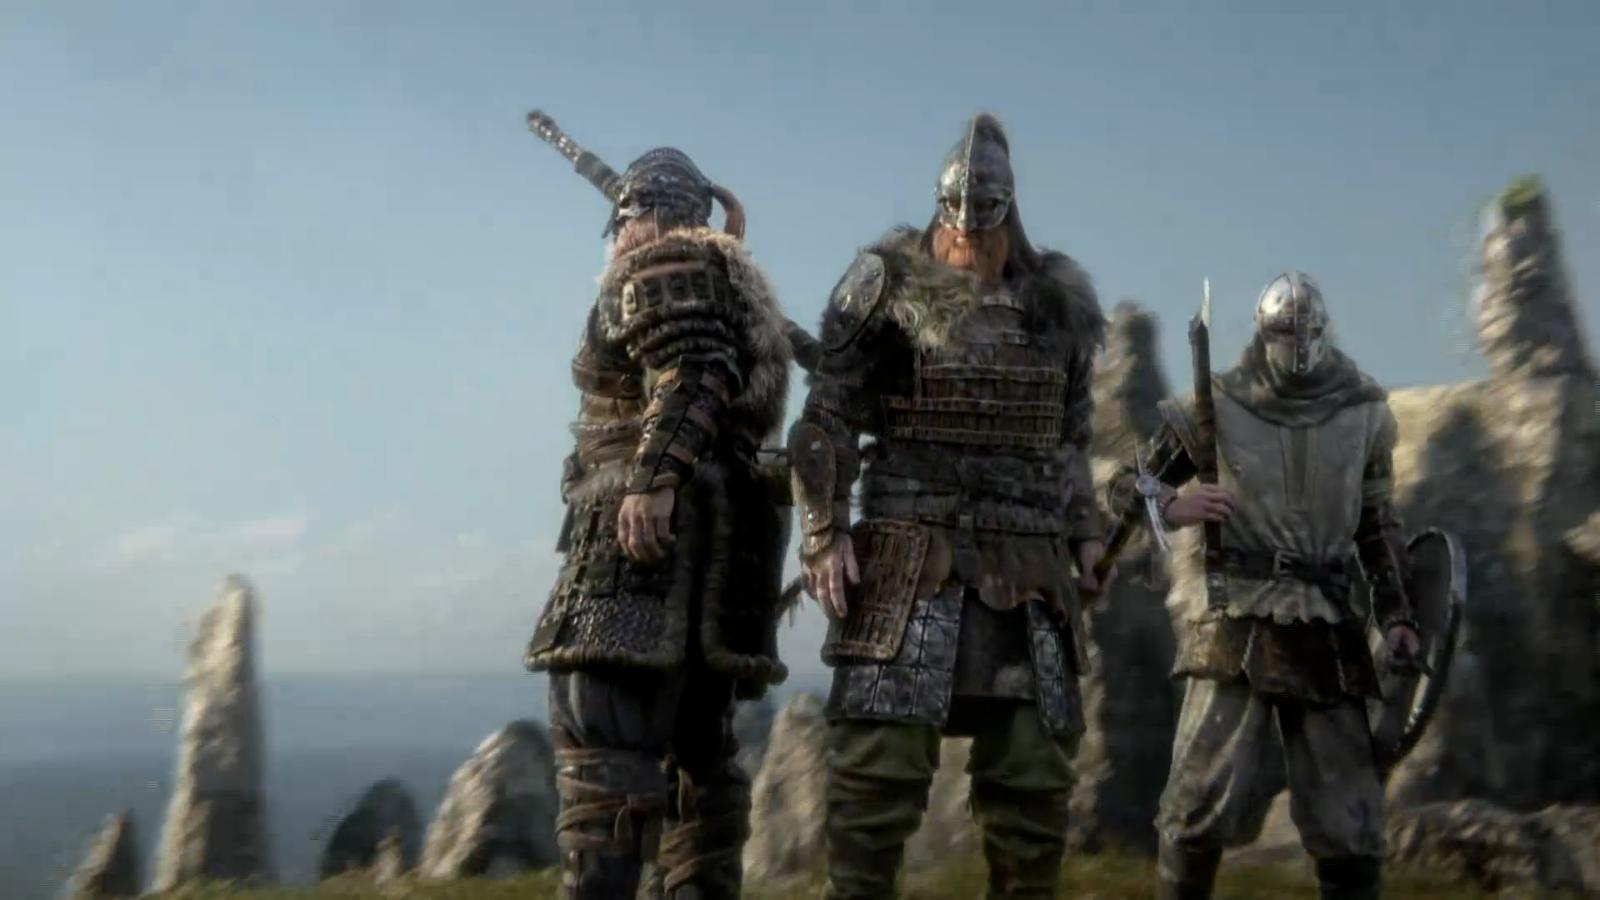 For Honor Viking Wallpaper: For Honor Wallpaper